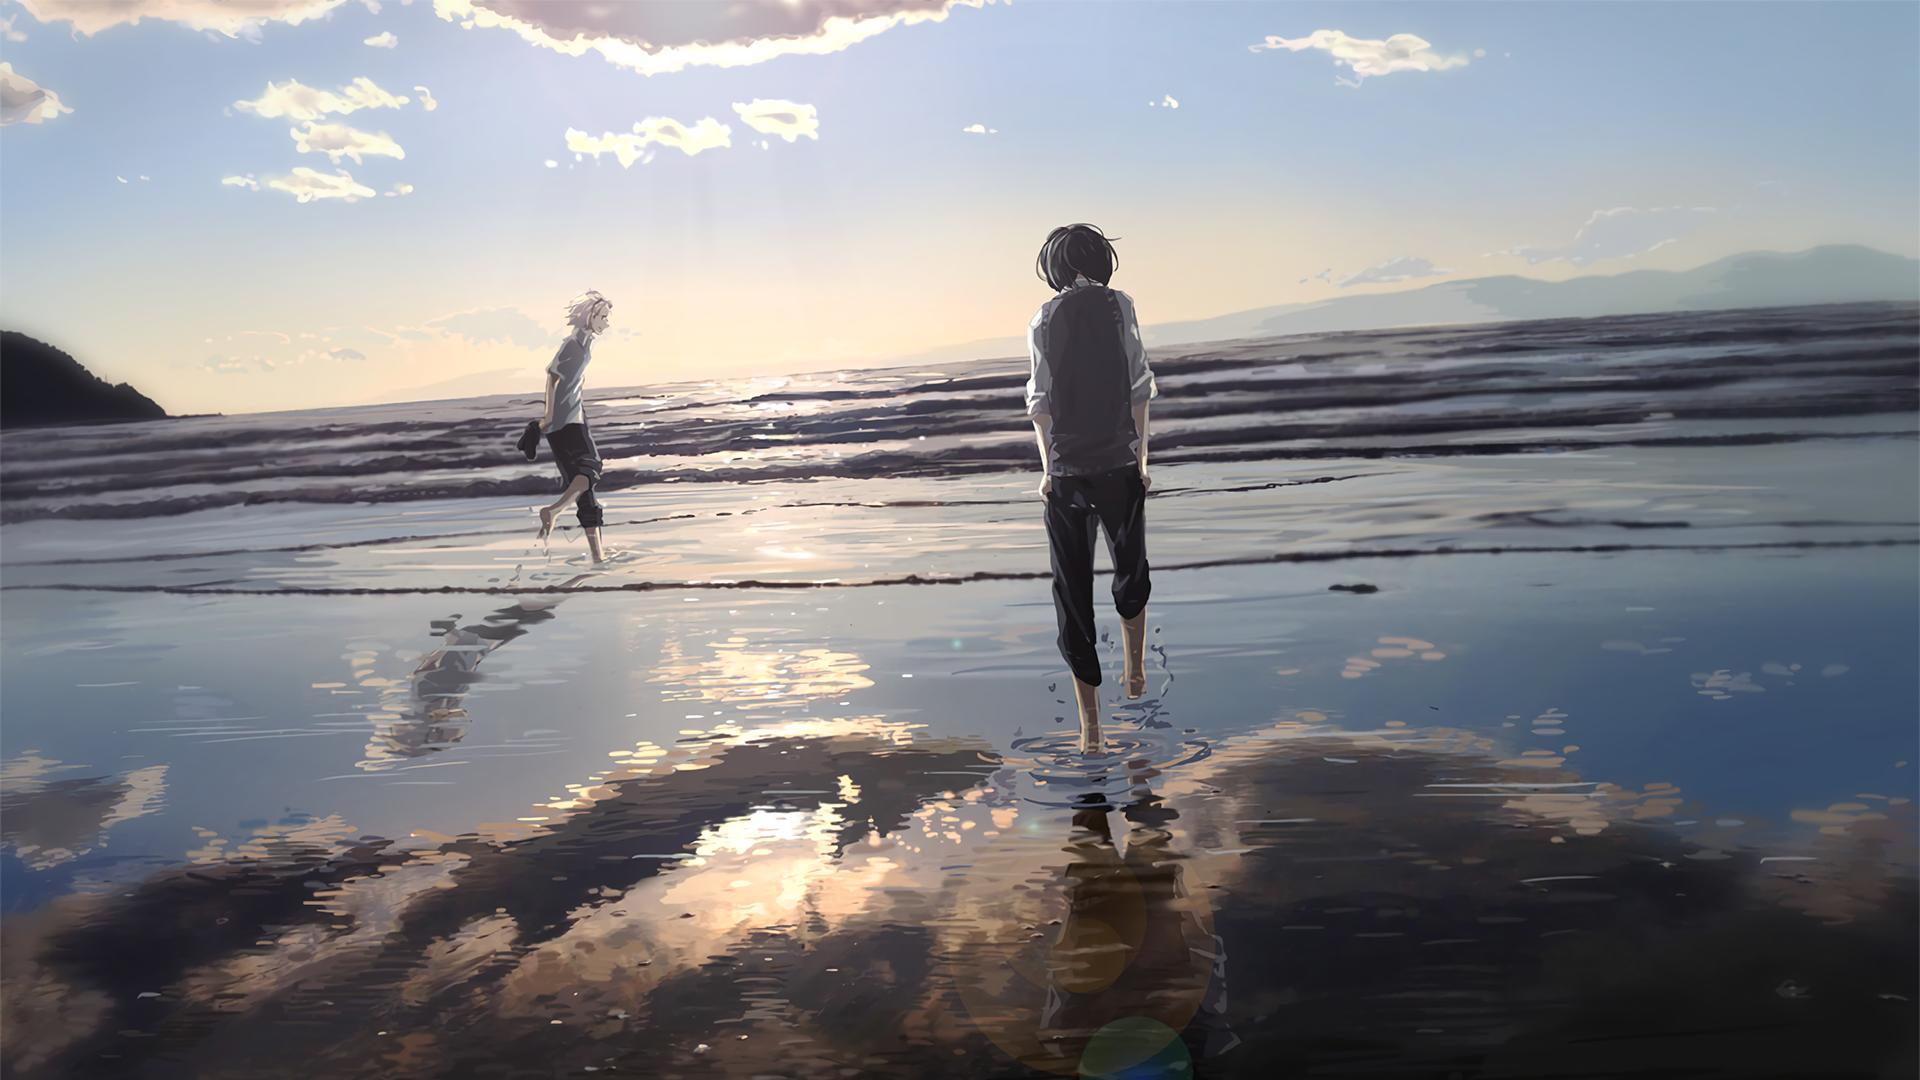 Anime Girl   Beach   Ocean Wallpaper Engine